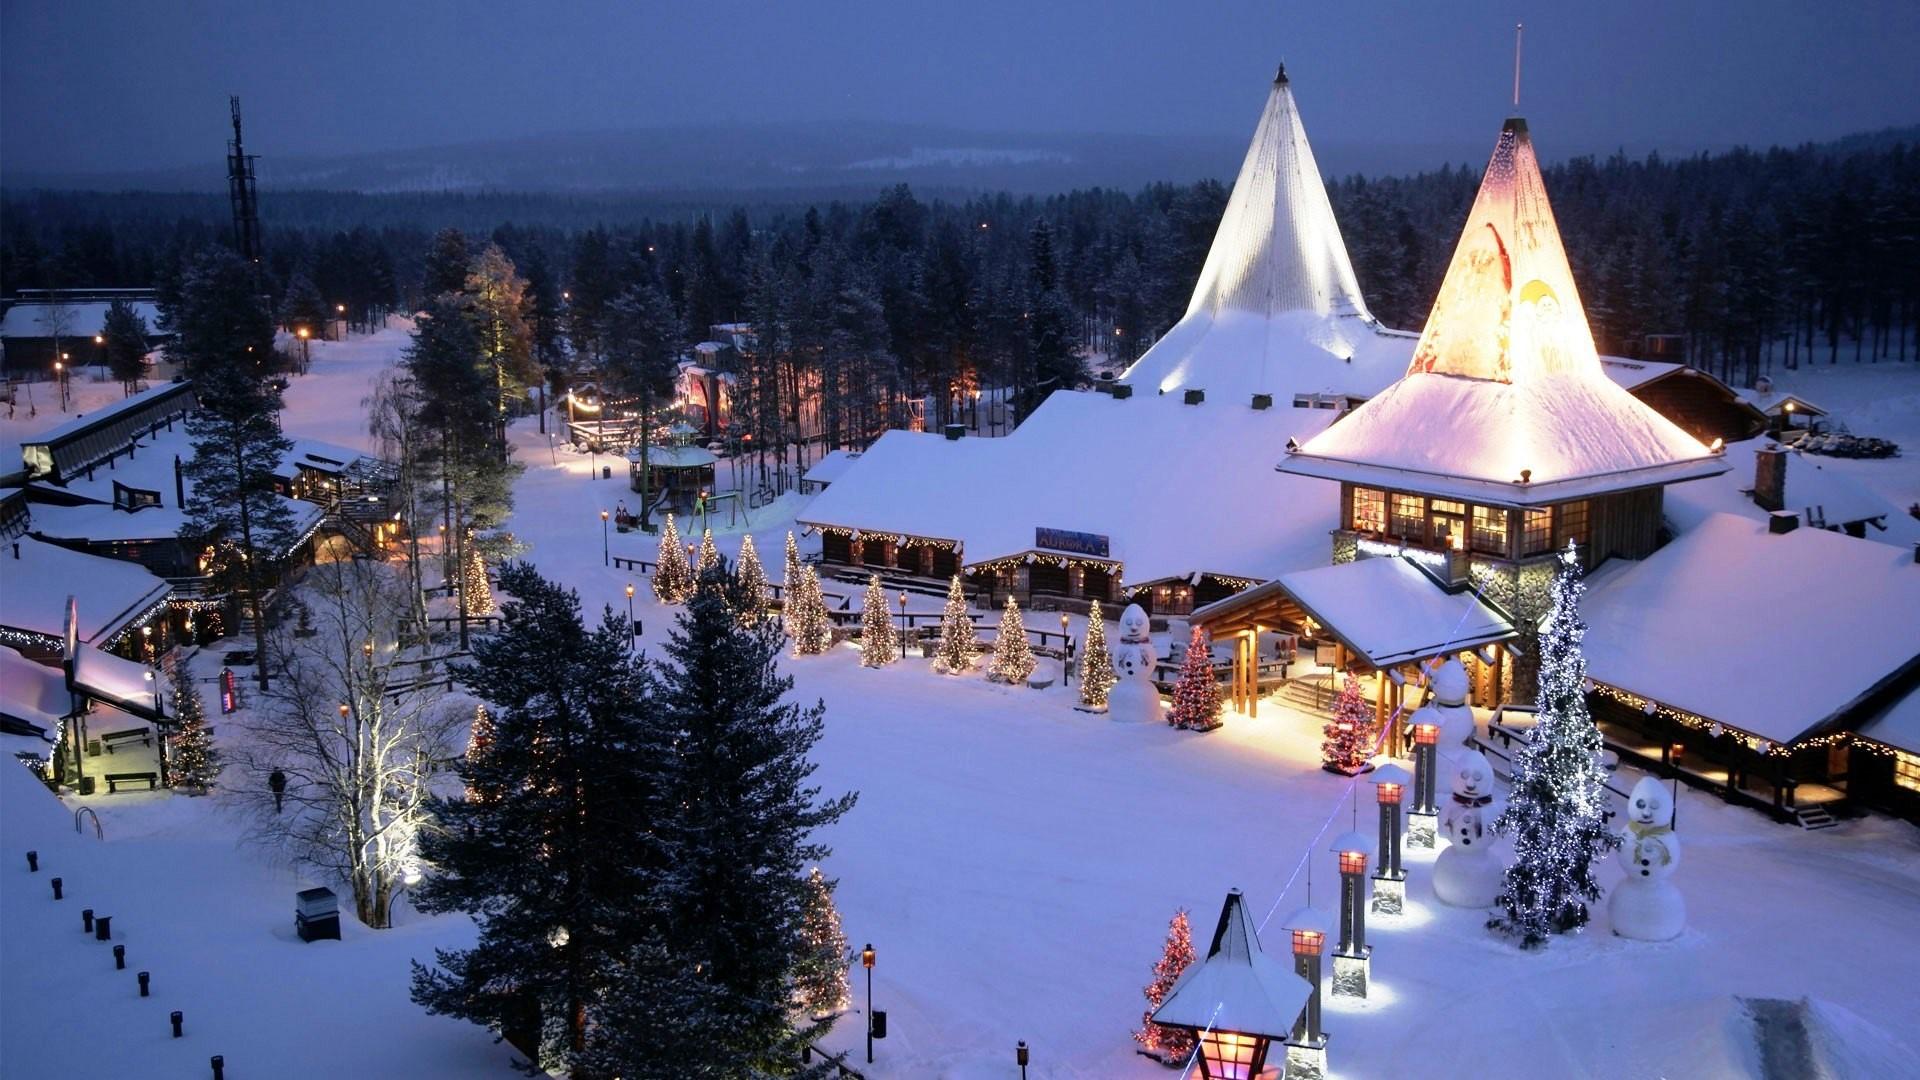 Δείτε πώς είναι το πανέμορφο χωριό του Άγιου Βασίλη στη Φιλανδία! (VIDEO)